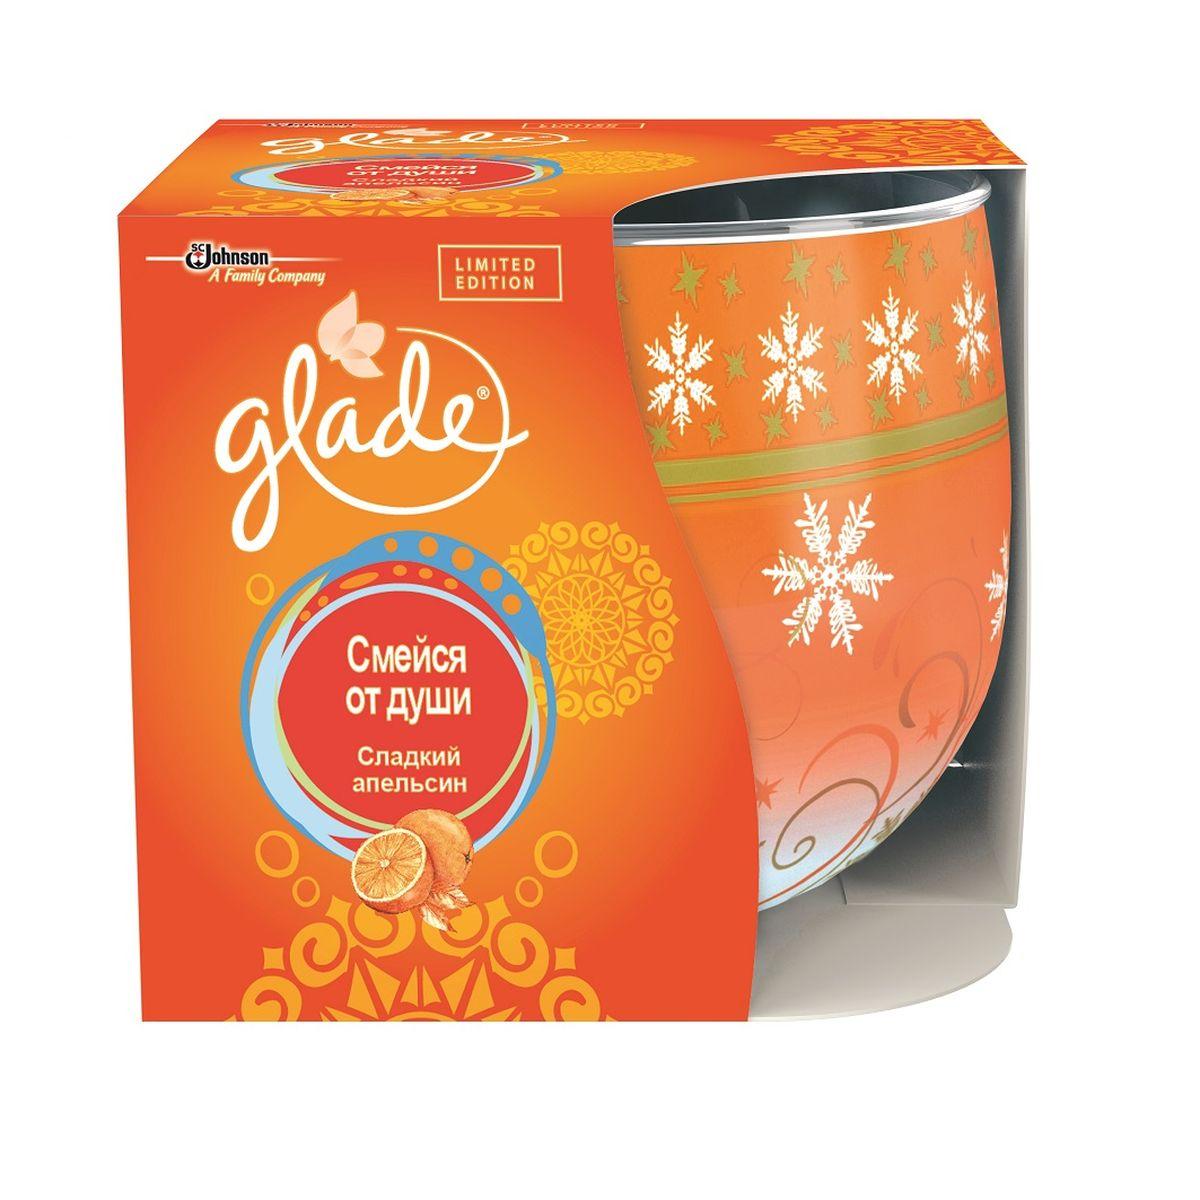 """Свеча ароматизированная Glade """"Смейся от души"""", сладкий апельсин, 120 г 684767"""